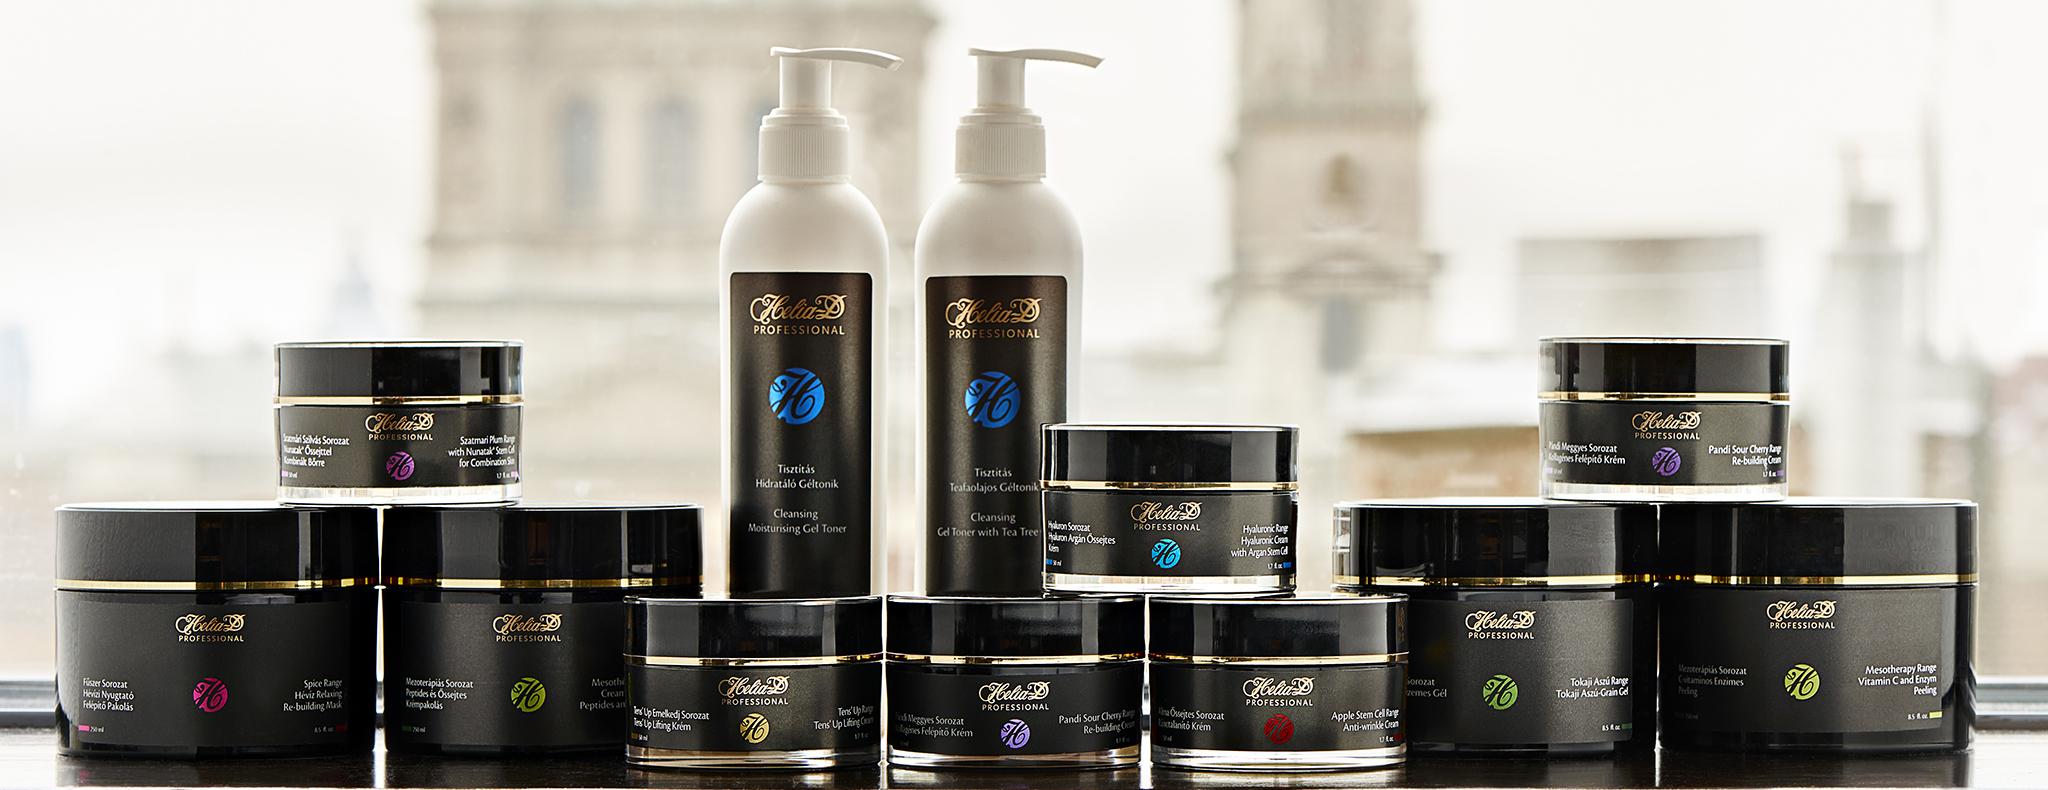 Helia-D Professional termékek